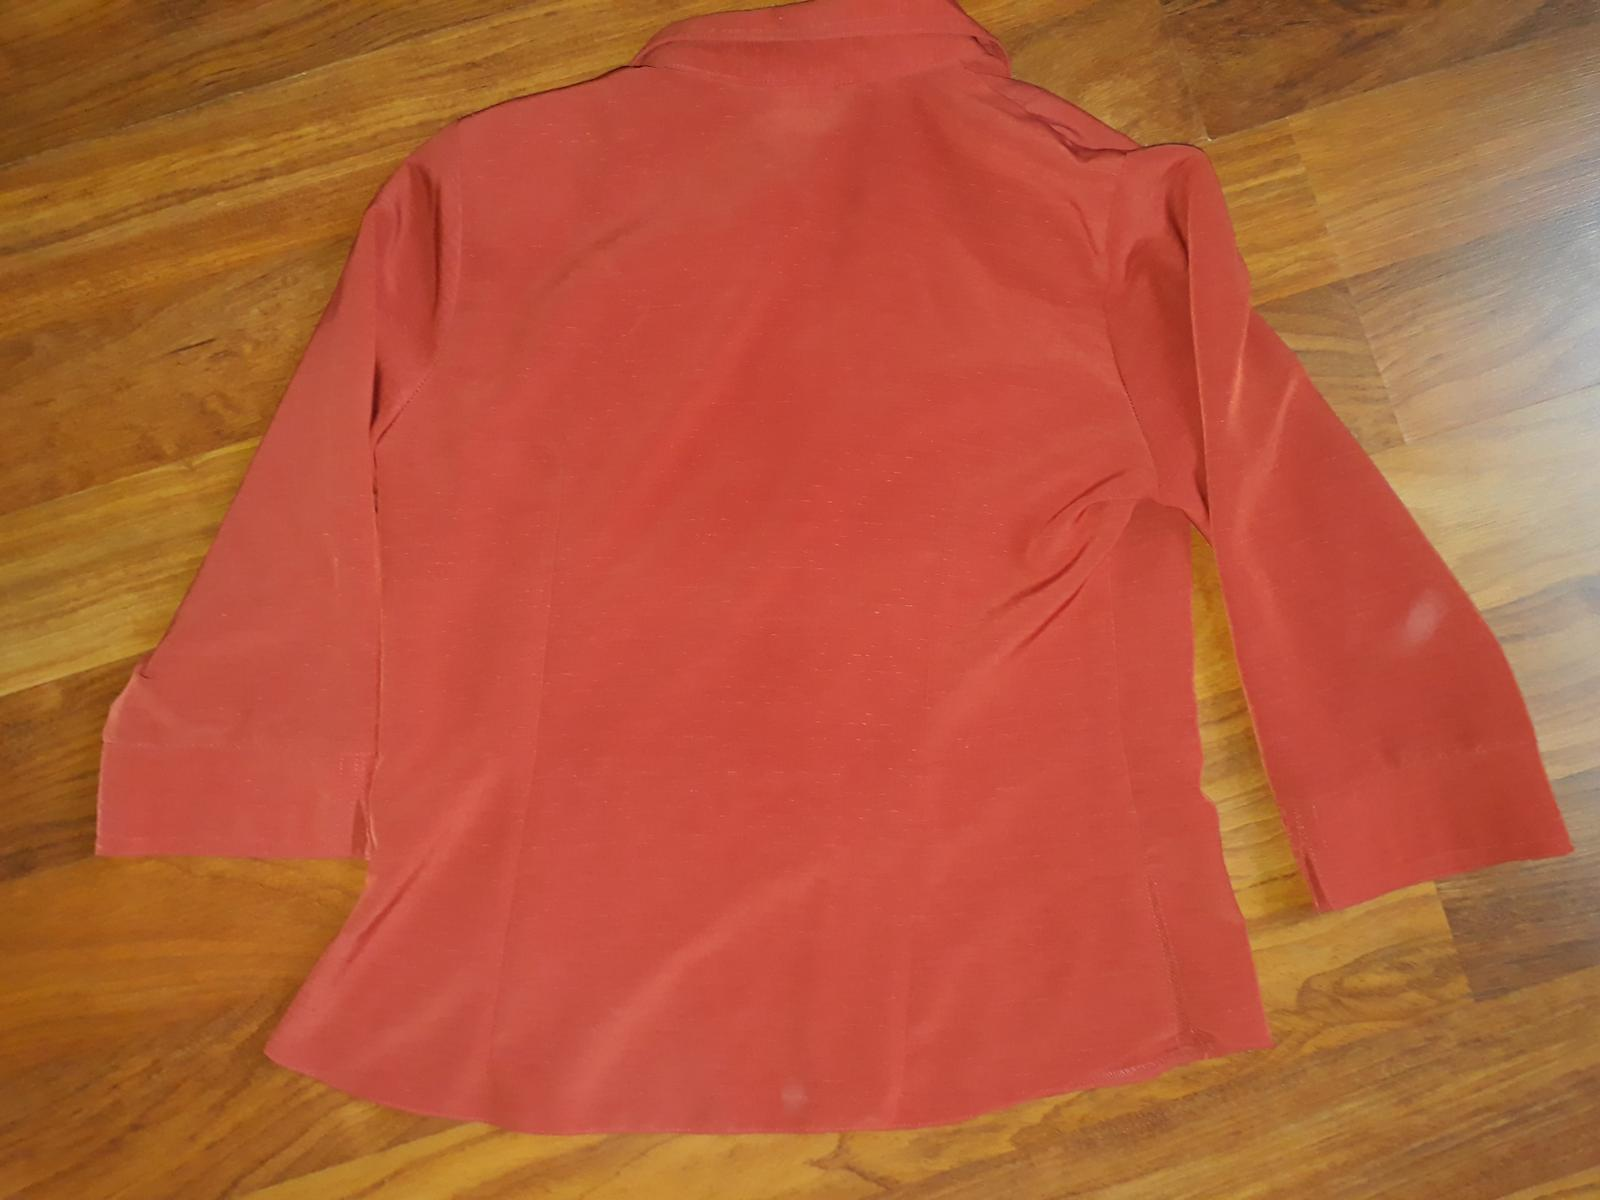 Cihlová košile, vel M - Obrázek č. 1